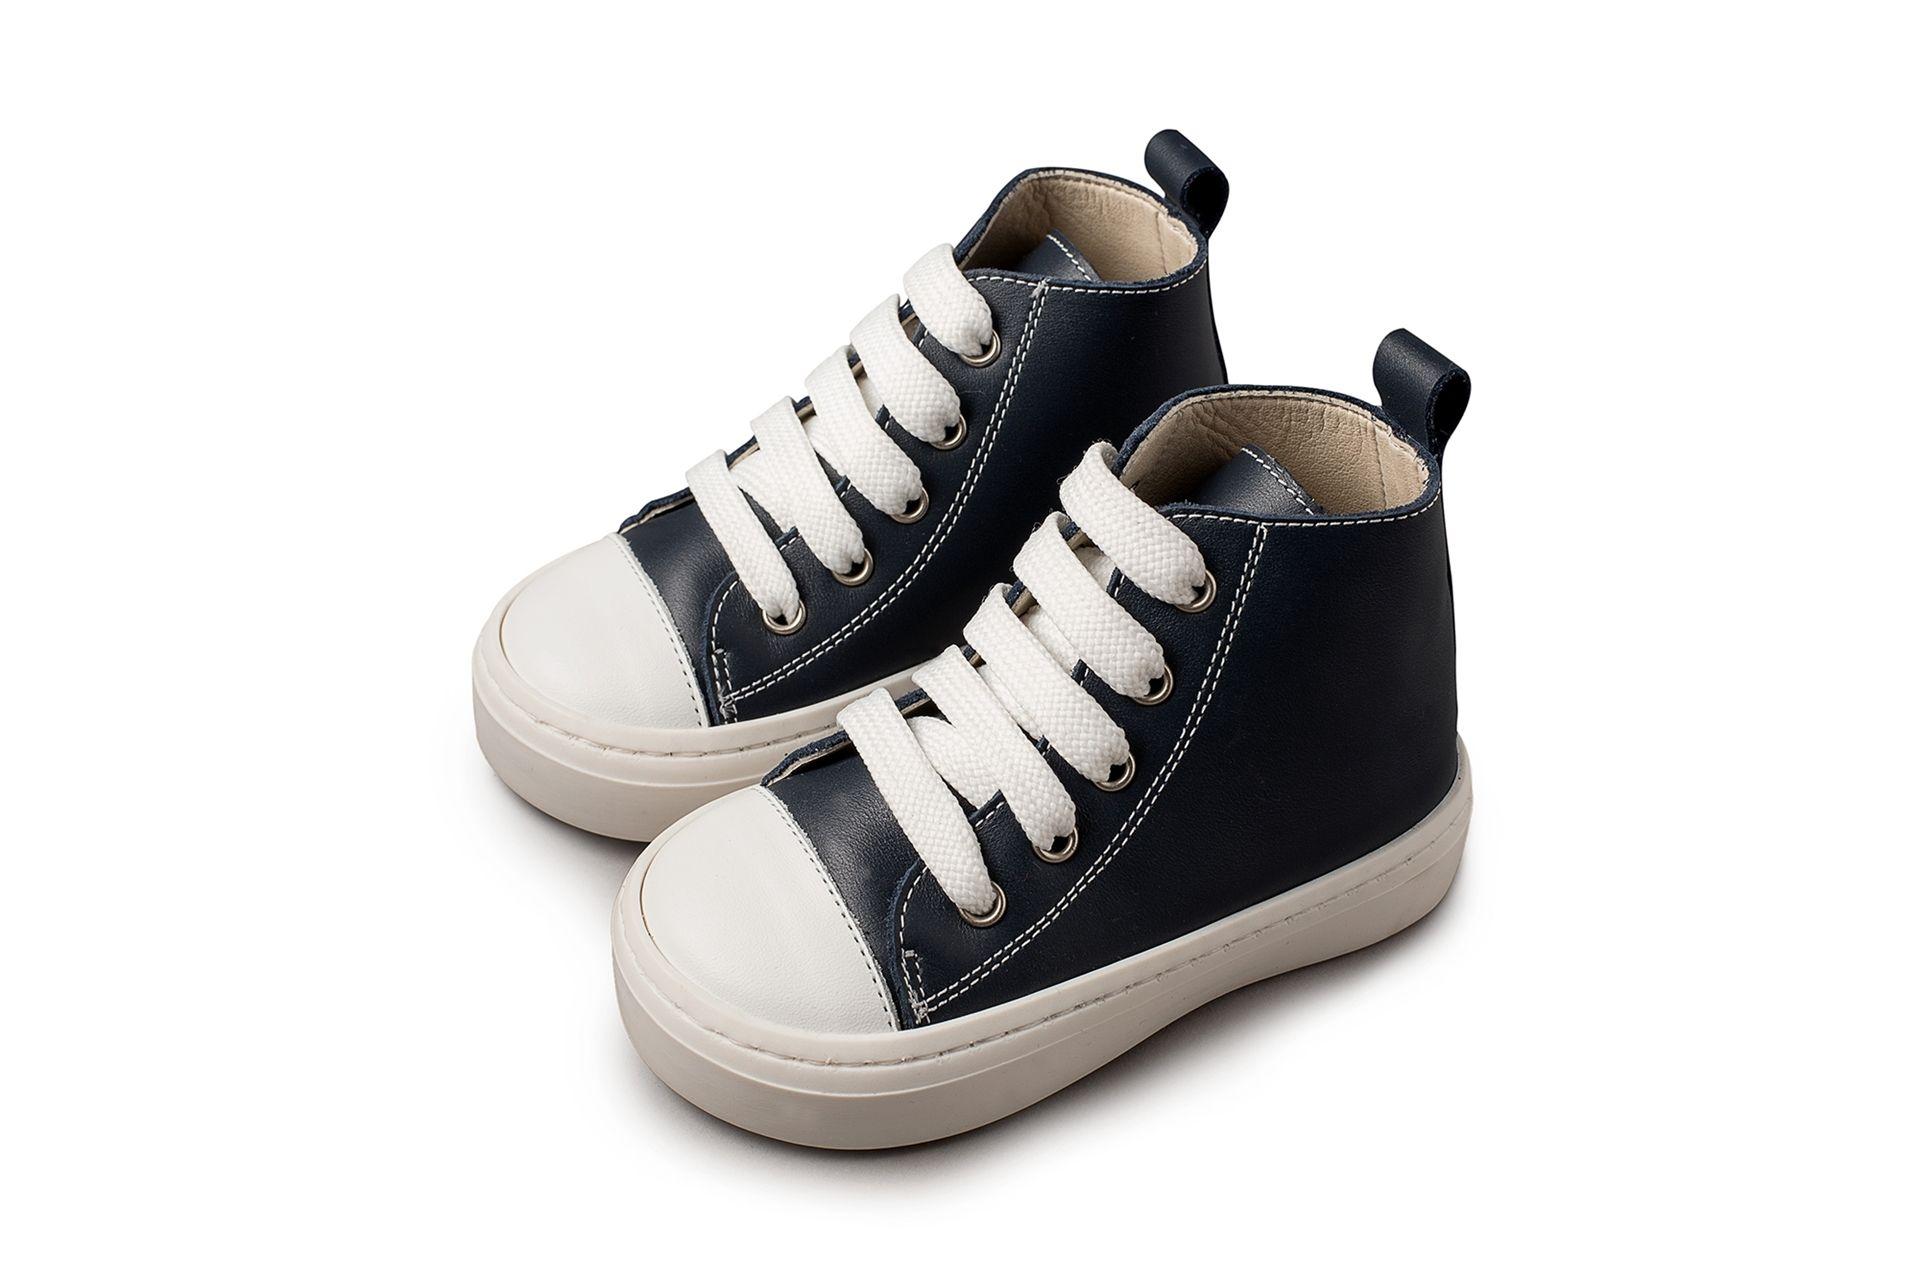 2ce6ae12092 Δετά μποτάκια Babywalker EXC5136 | Βαπτιστικά παπούτσια για αγόρι |  Παπούτσια, Αγόρια